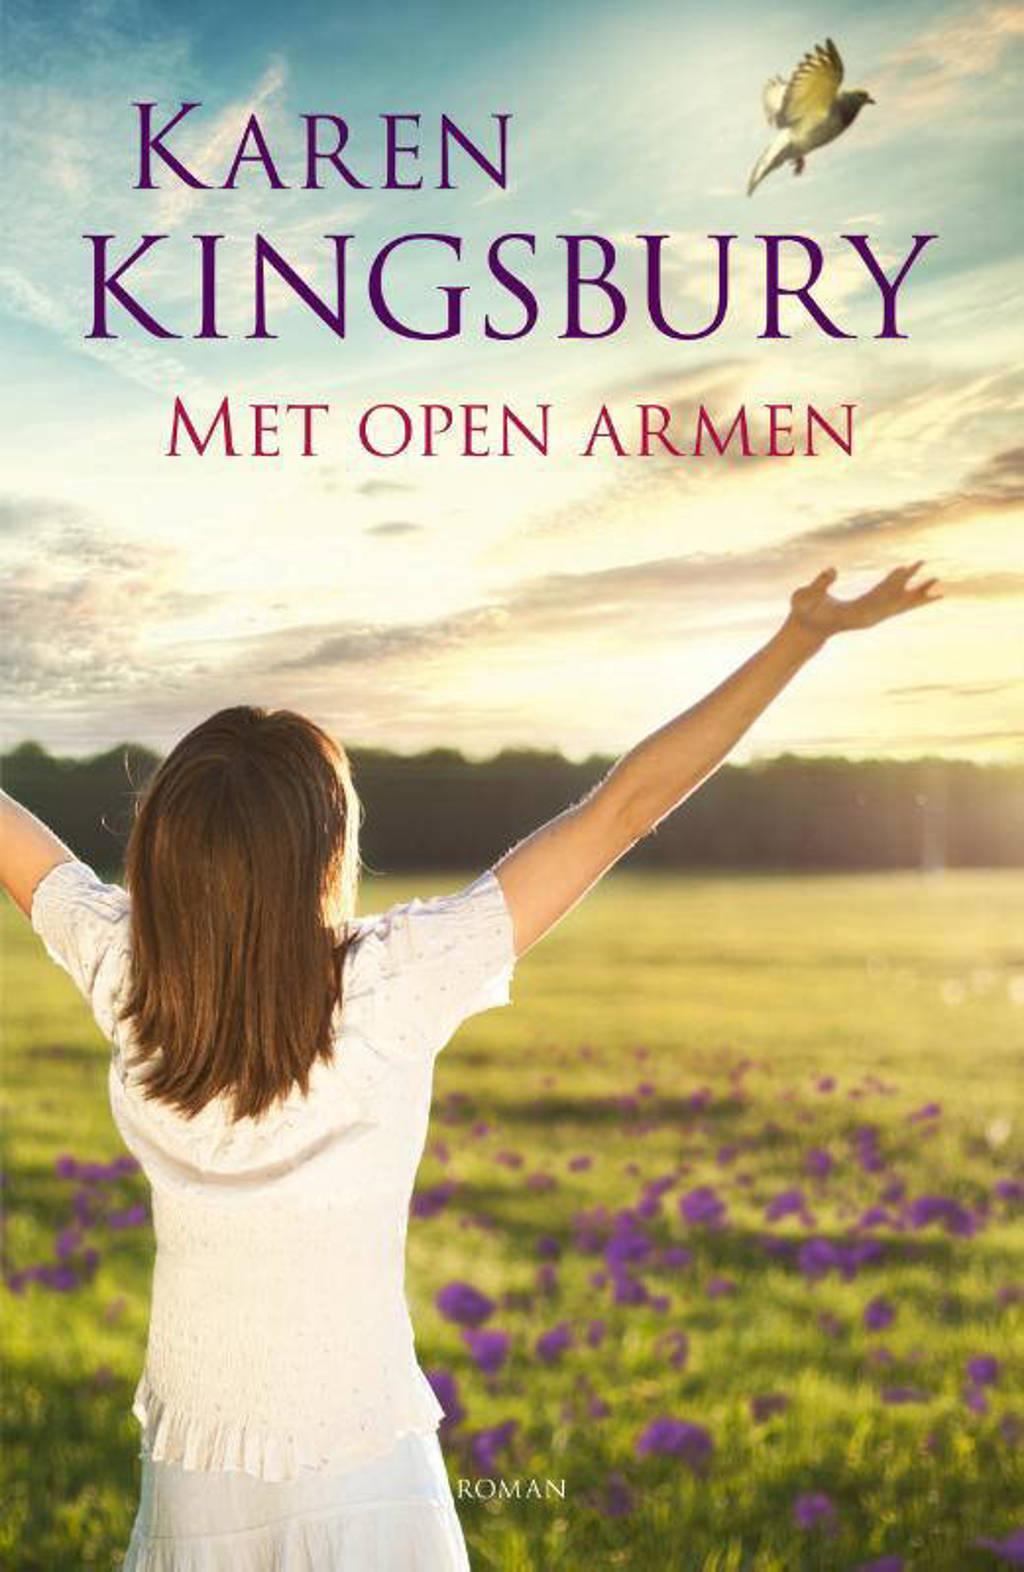 Met open armen - Karen Kingsbury